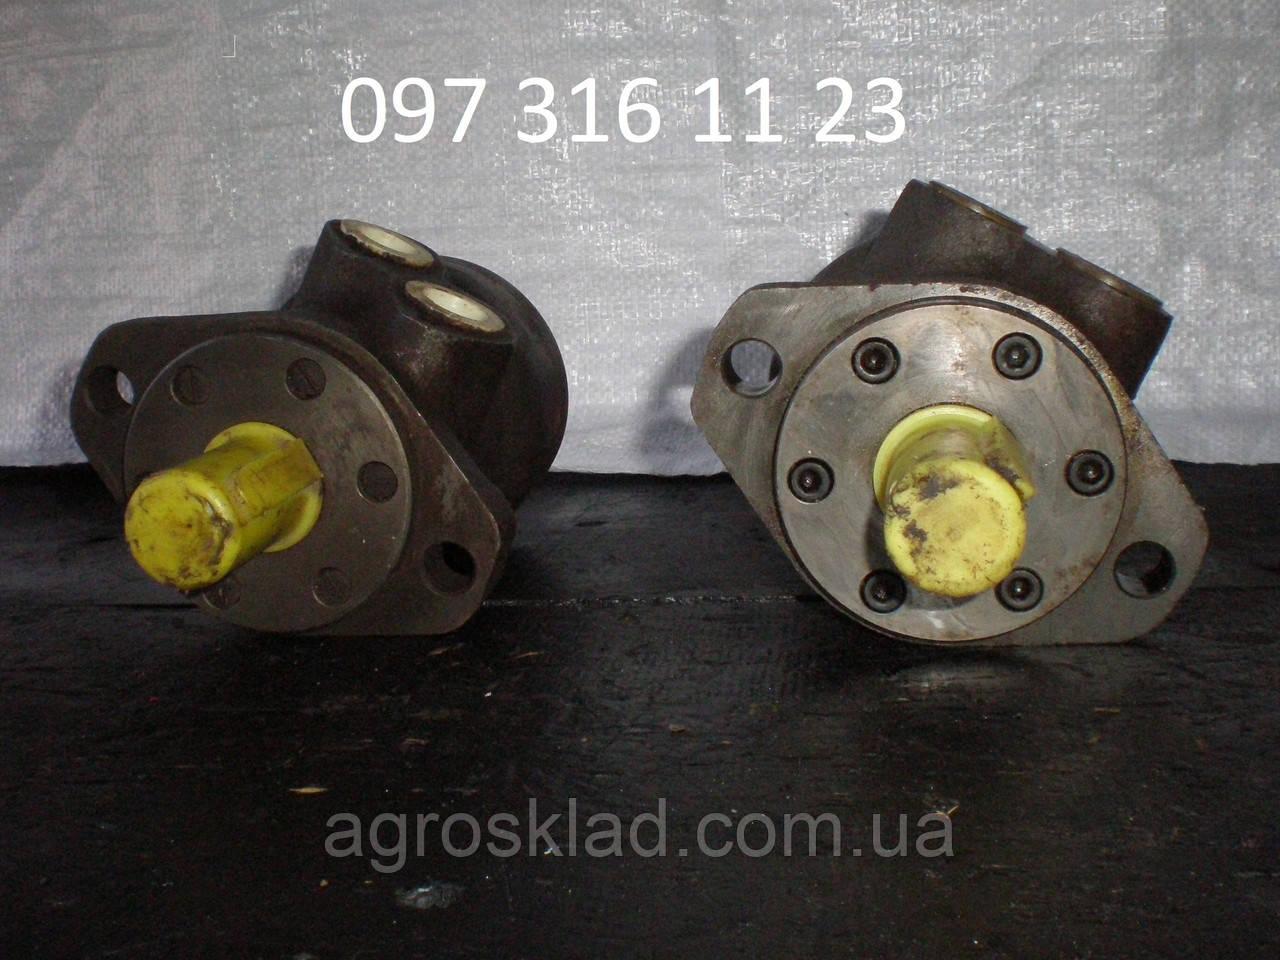 Гидромотор МР-160